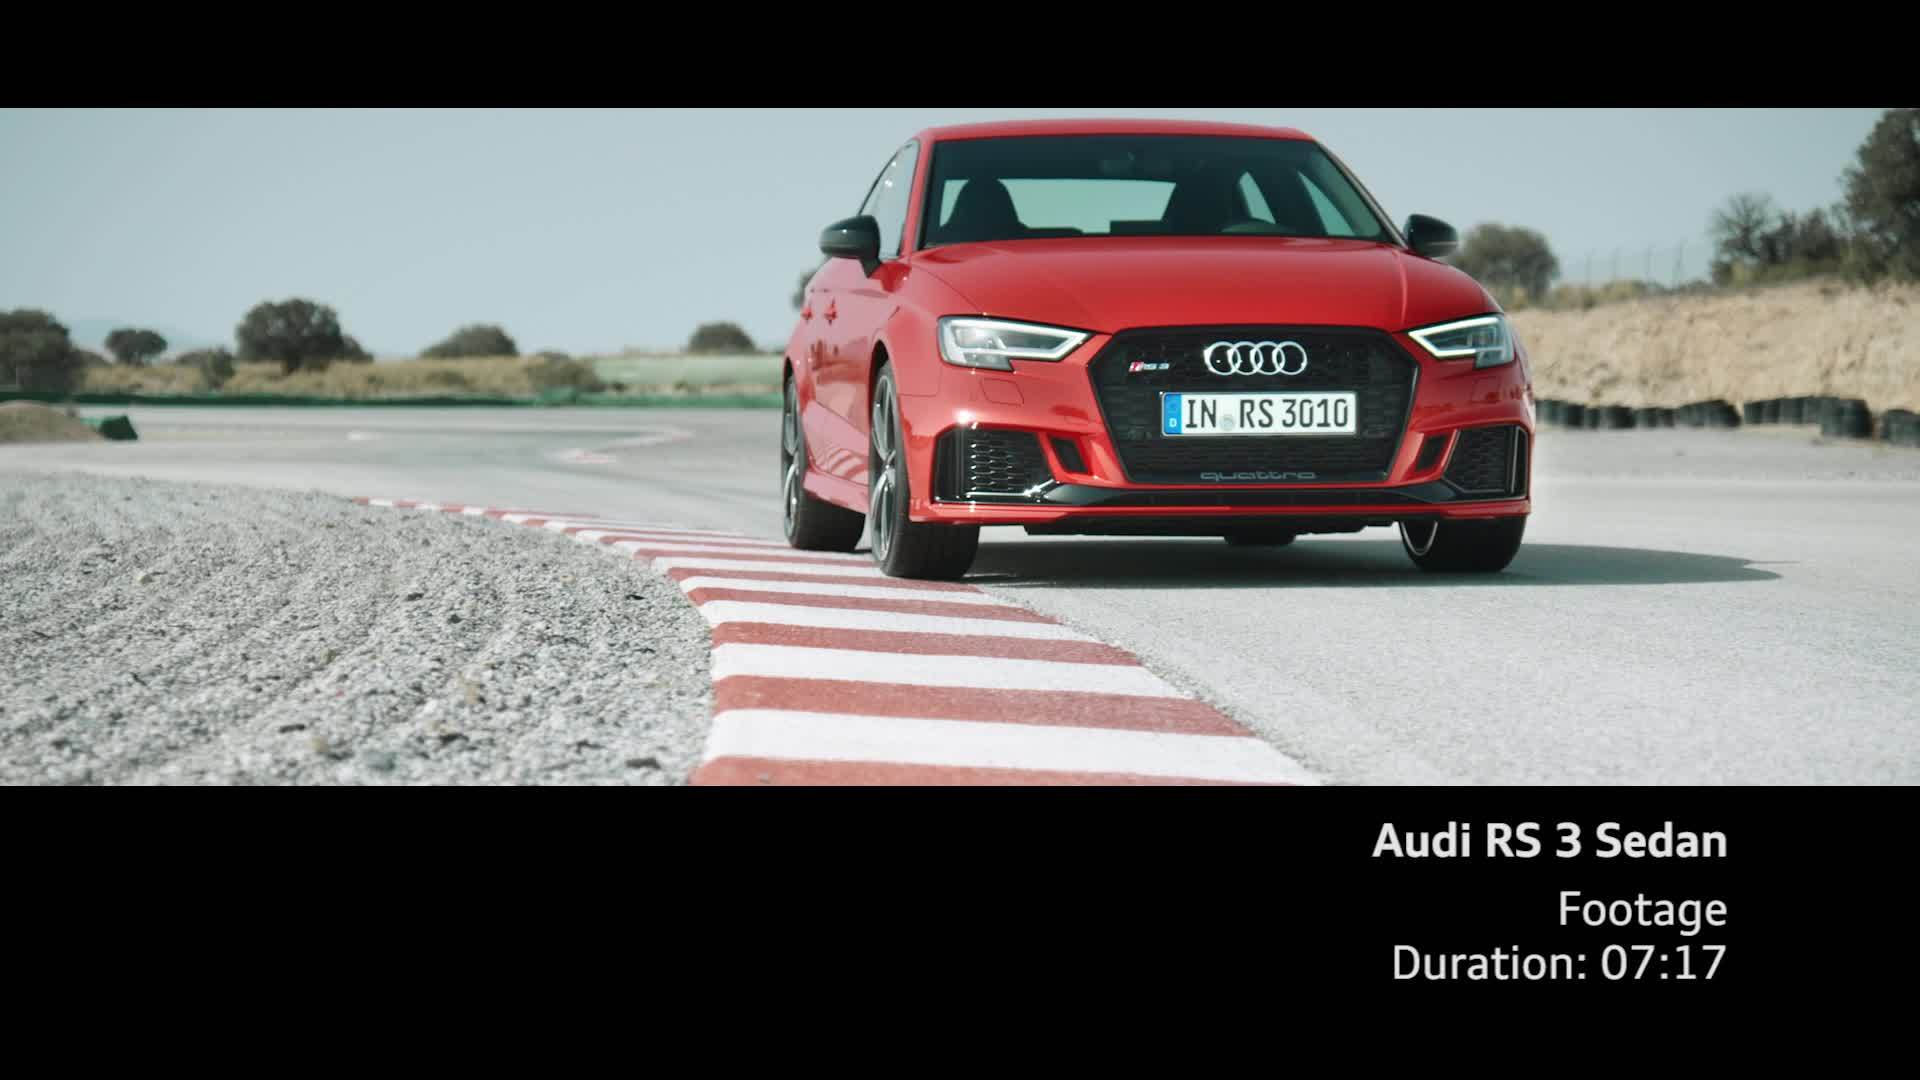 Audi RS 3 Sedan Footage